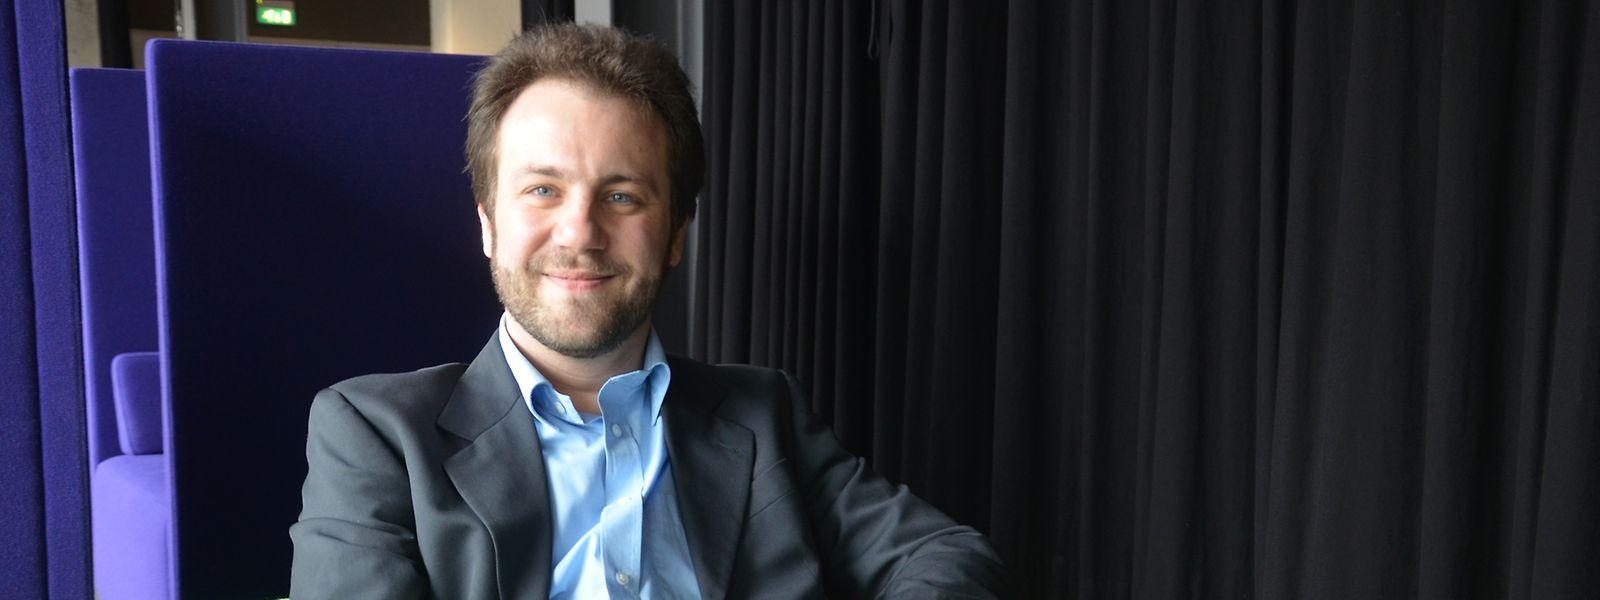 Michel Duchateau conseille aux jeunes entrepreneurs de ne pas rester isolés.